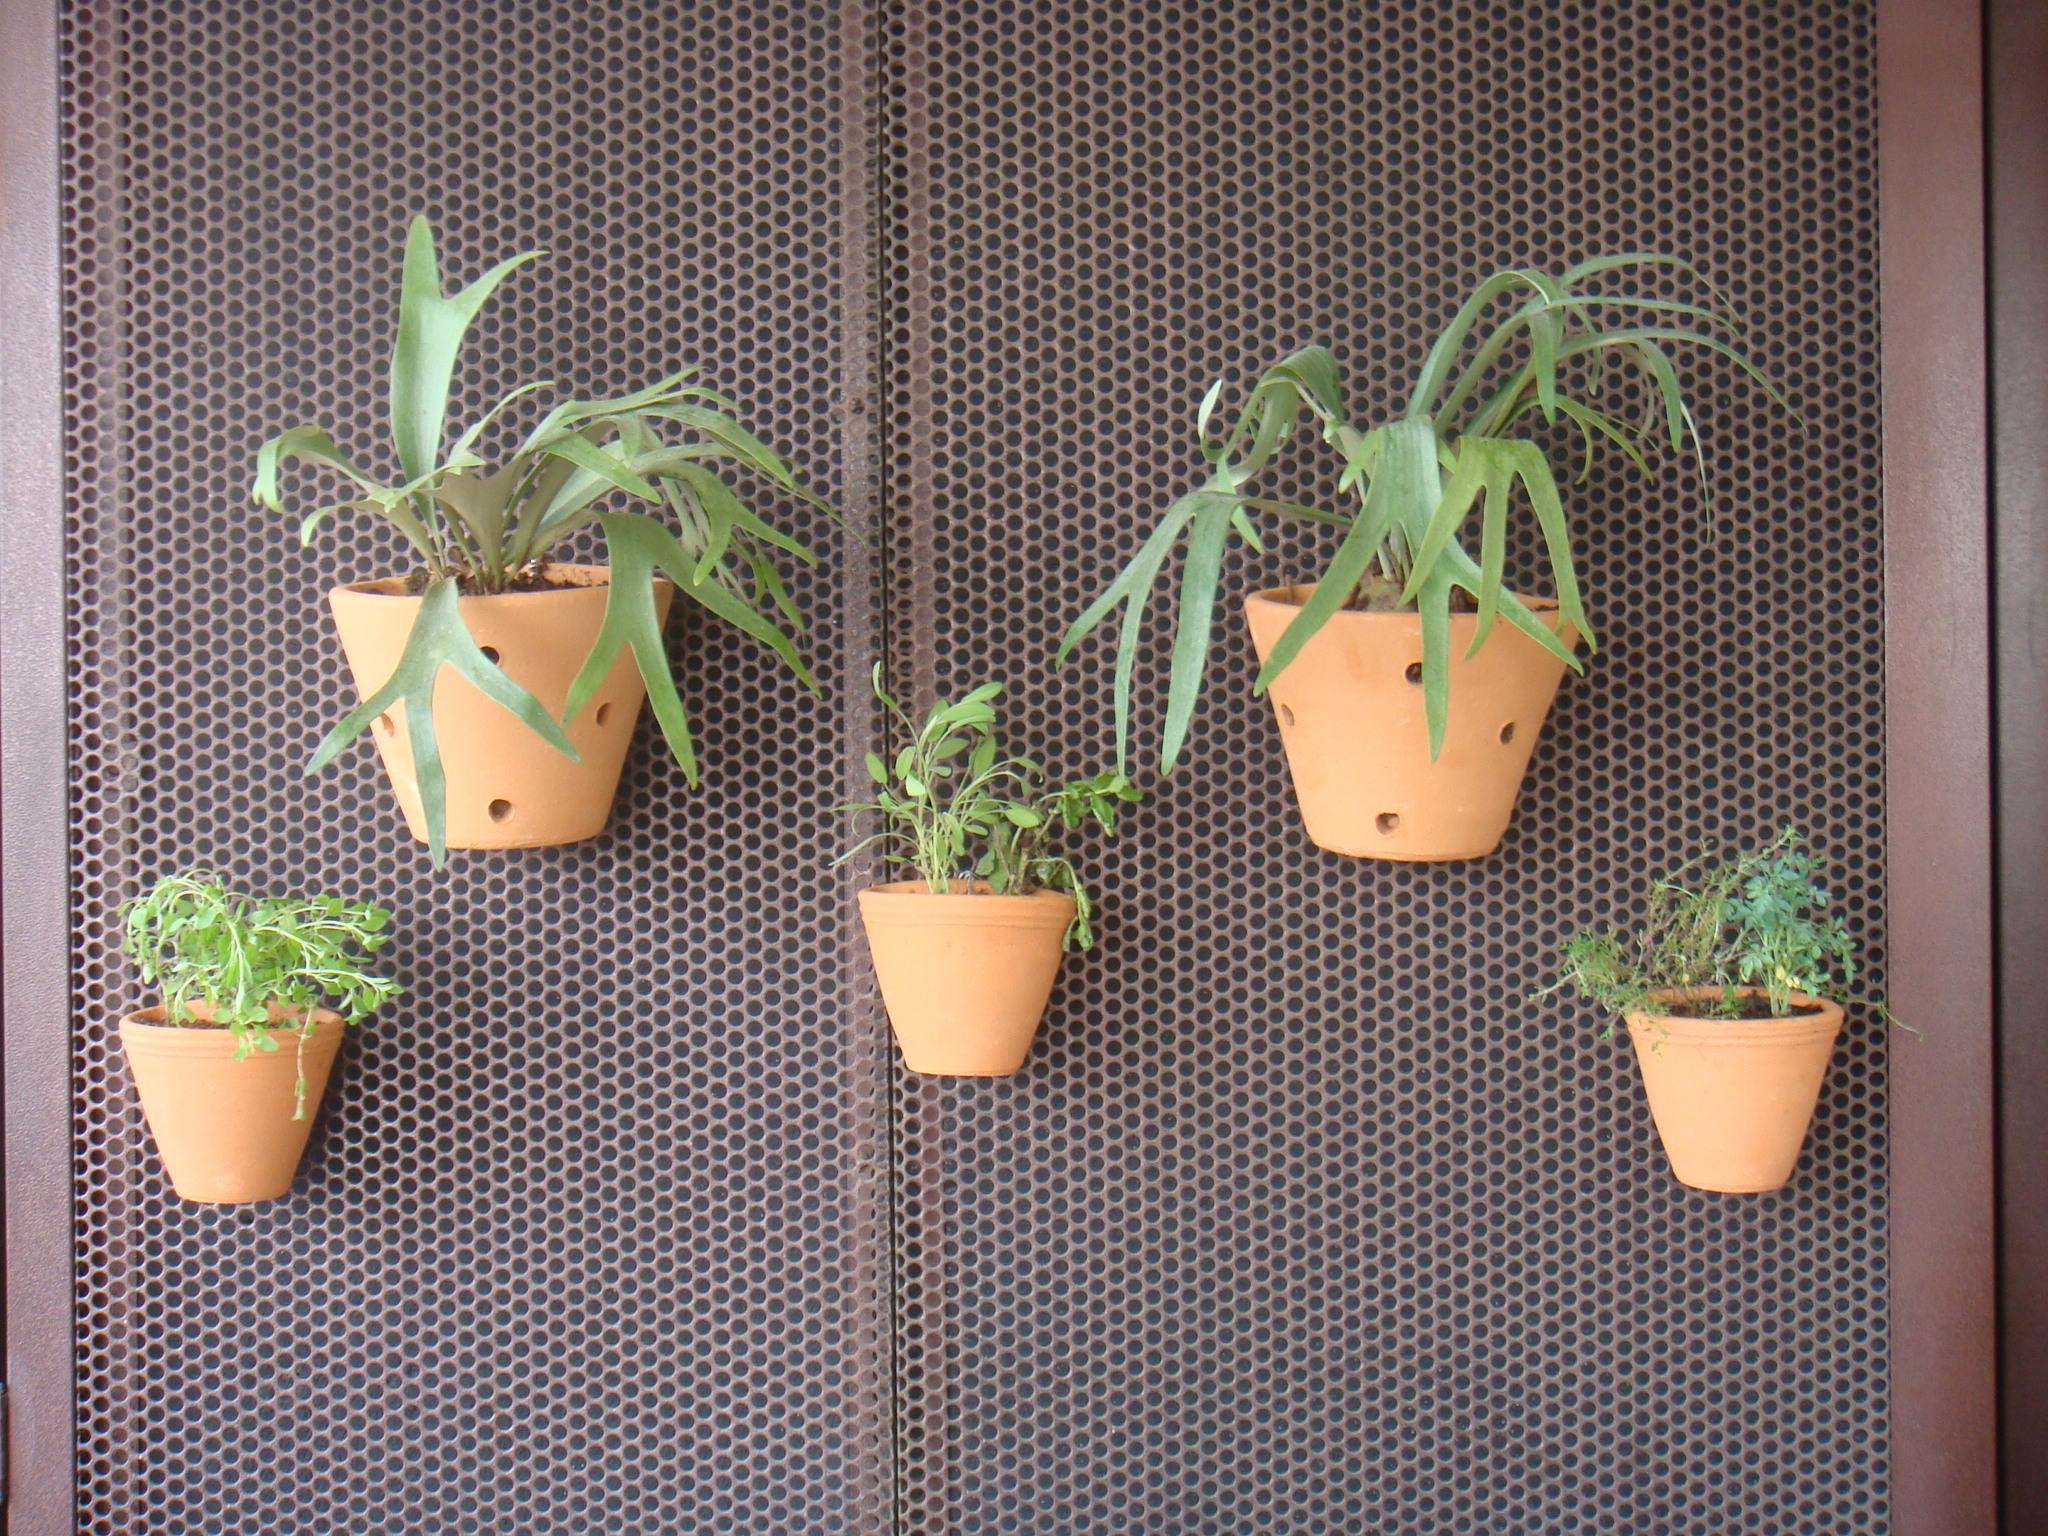 Chifre de veado e ervas em vasos cerâmicos e em painel metálico perfurado l Projeto NeoArq